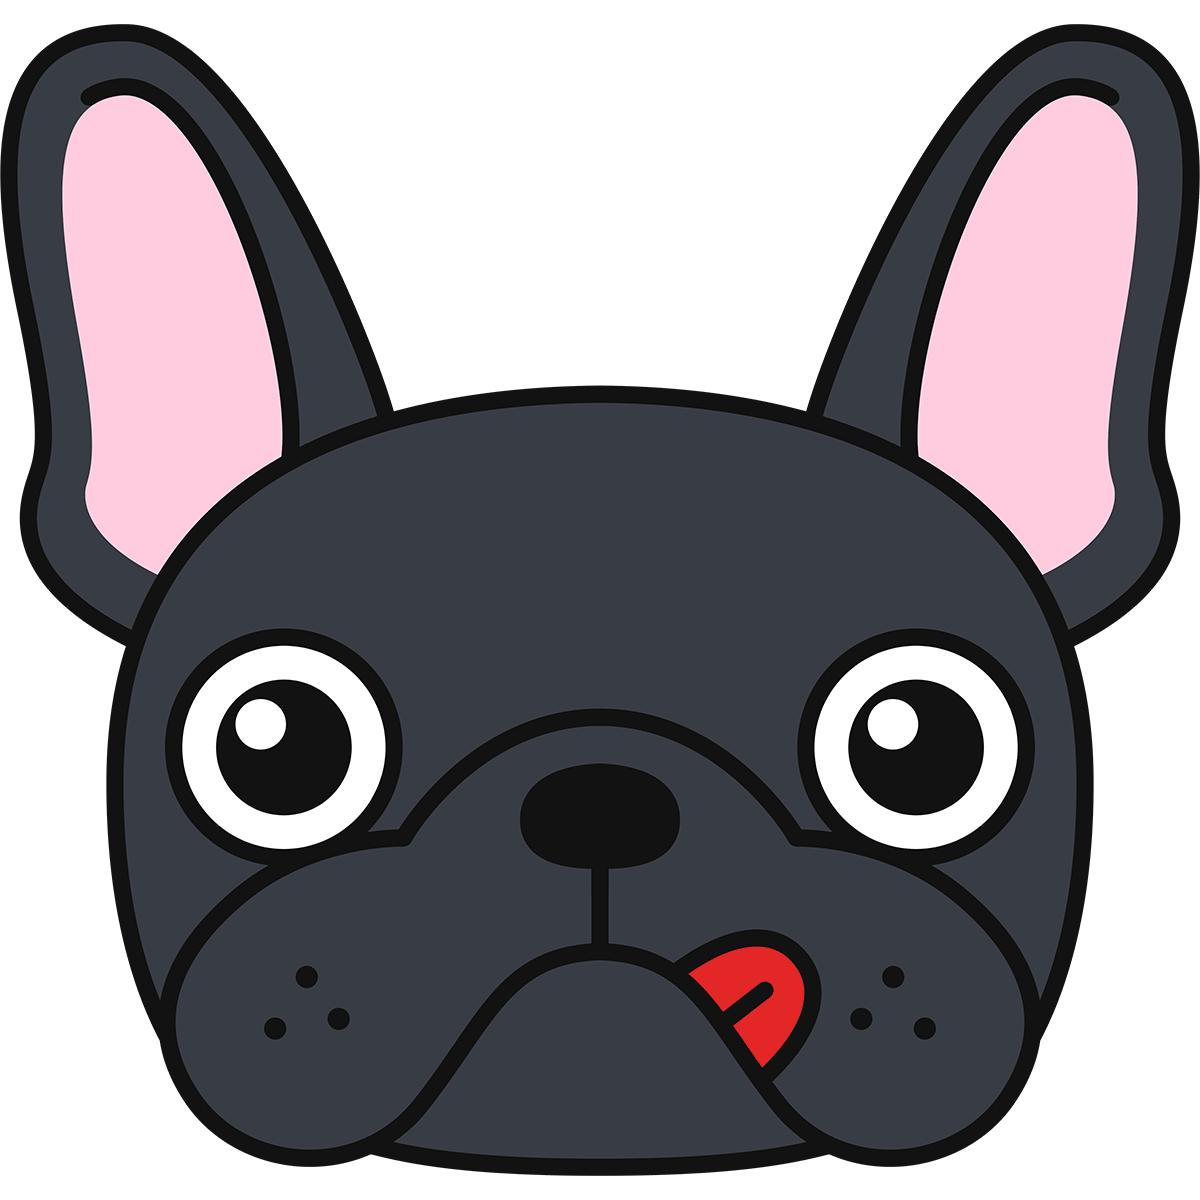 フレンチブルドッグの顔(黒)の無料イラスト